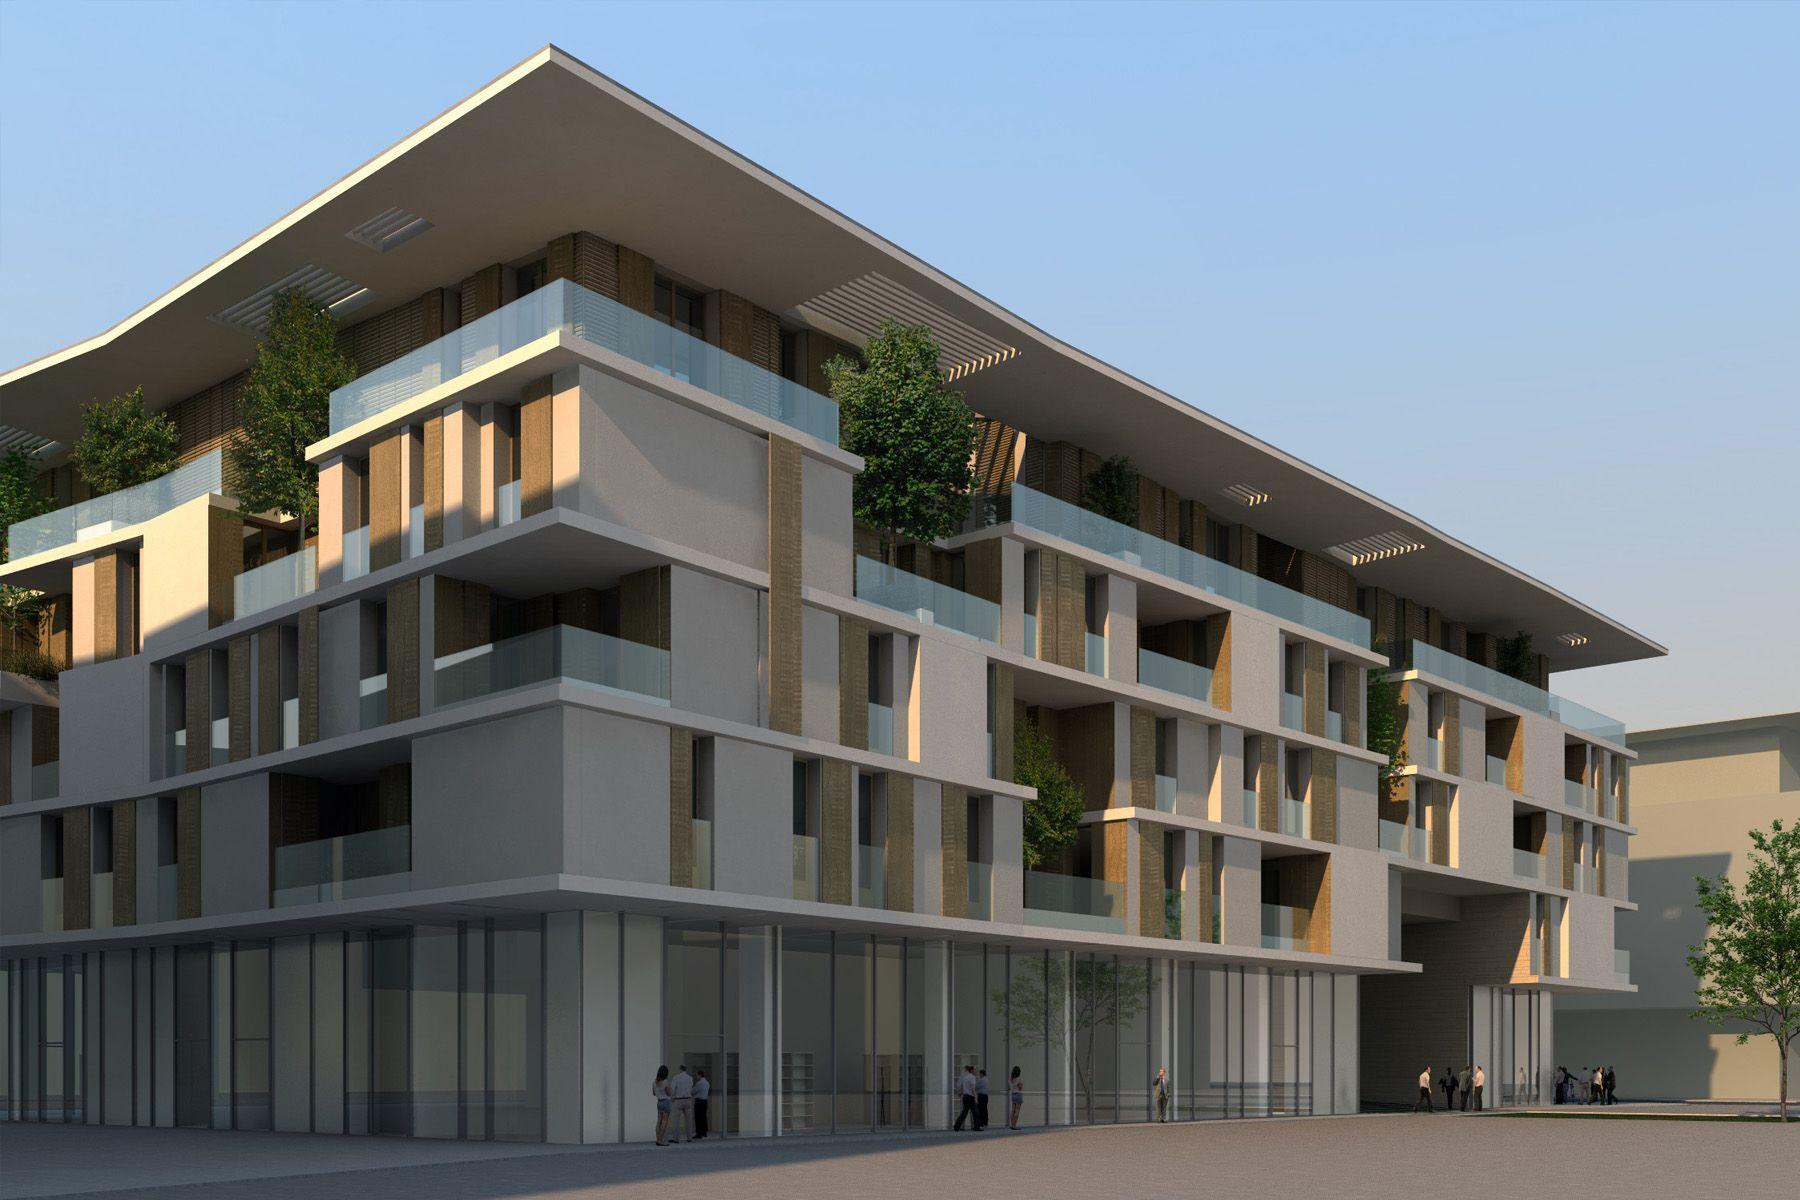 Alessandro Bucci Architetti alessandro bucci - architetti | architetti, edificio